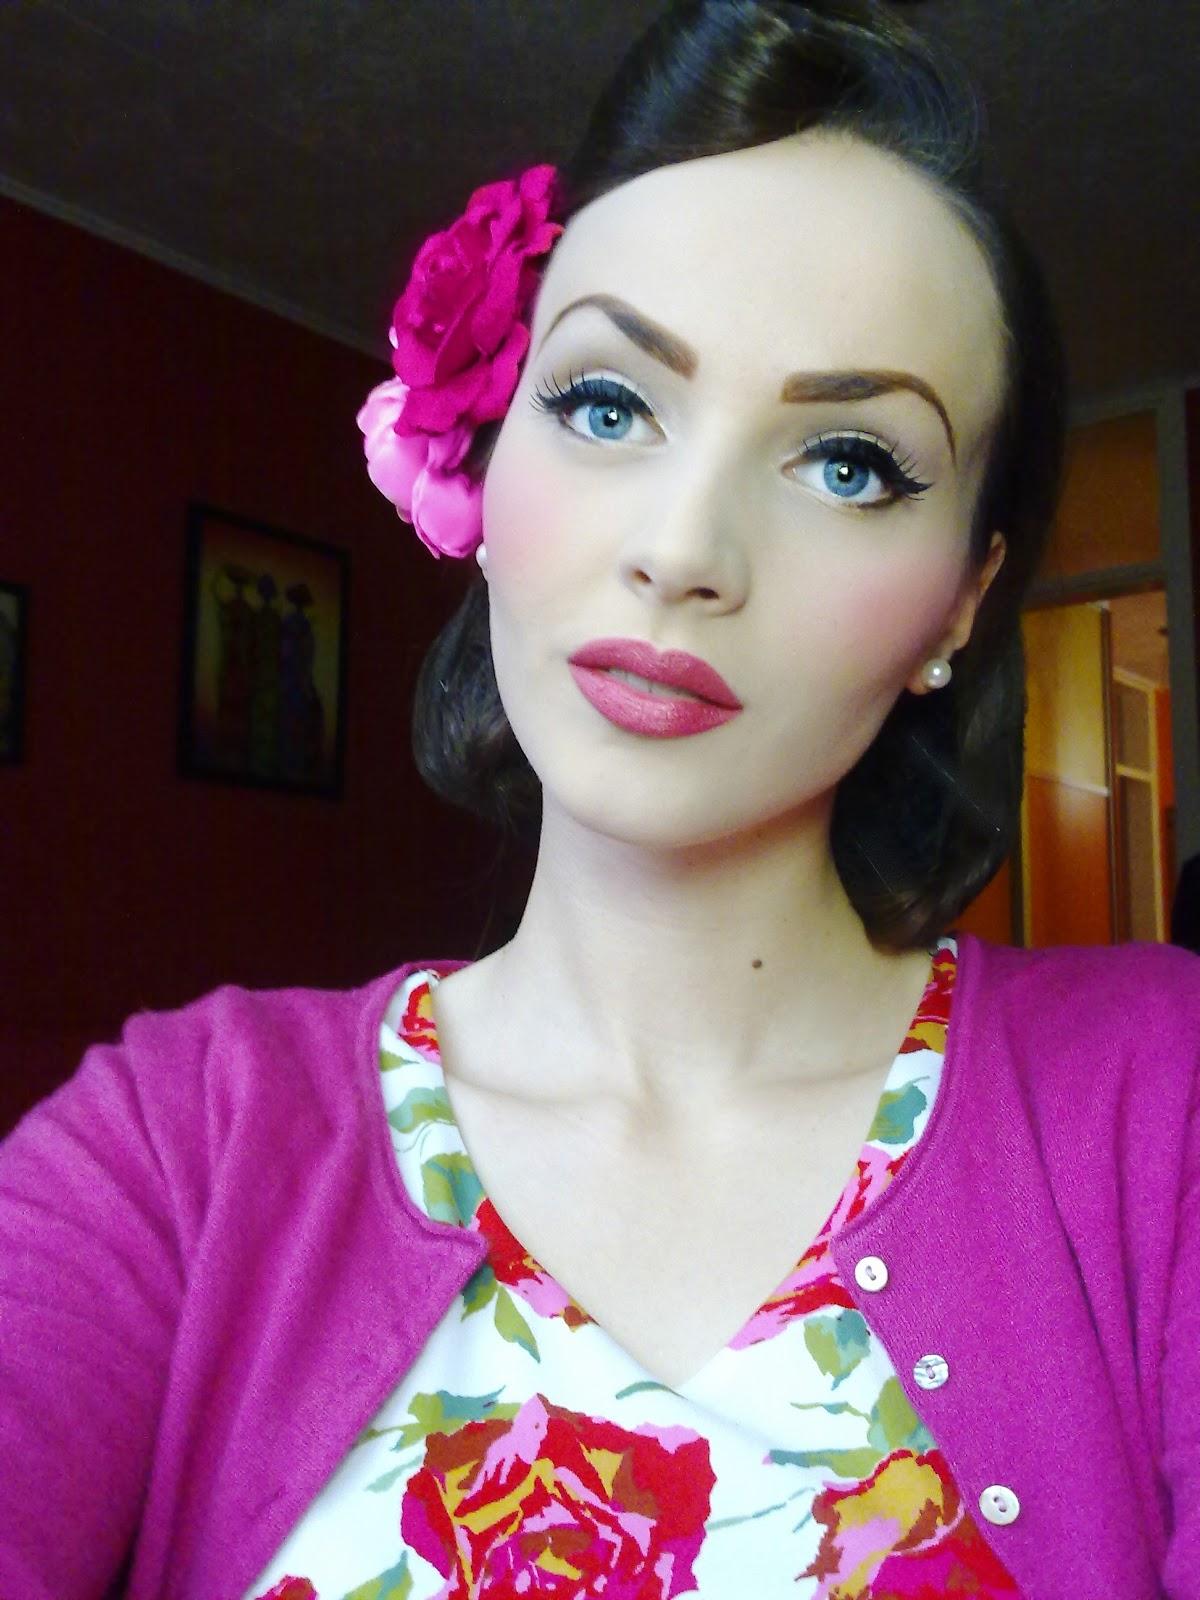 Idda Van Munster: Max Factor Review 2: Pink. Rose. Coral